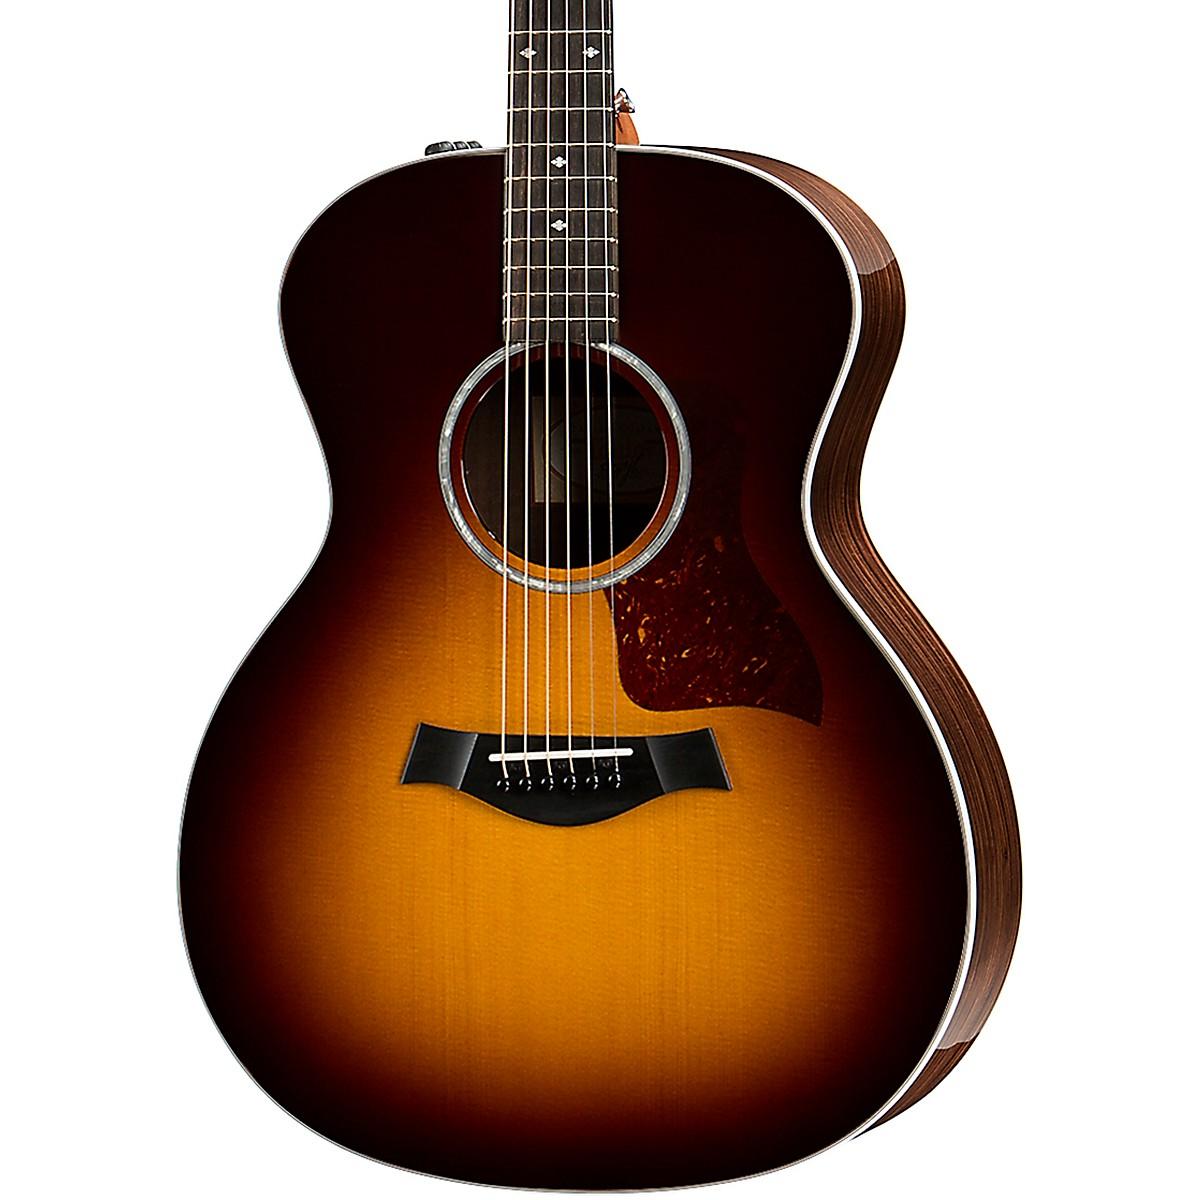 Taylor 214e DLX Grand Auditorium Acoustic-Electric Guitar